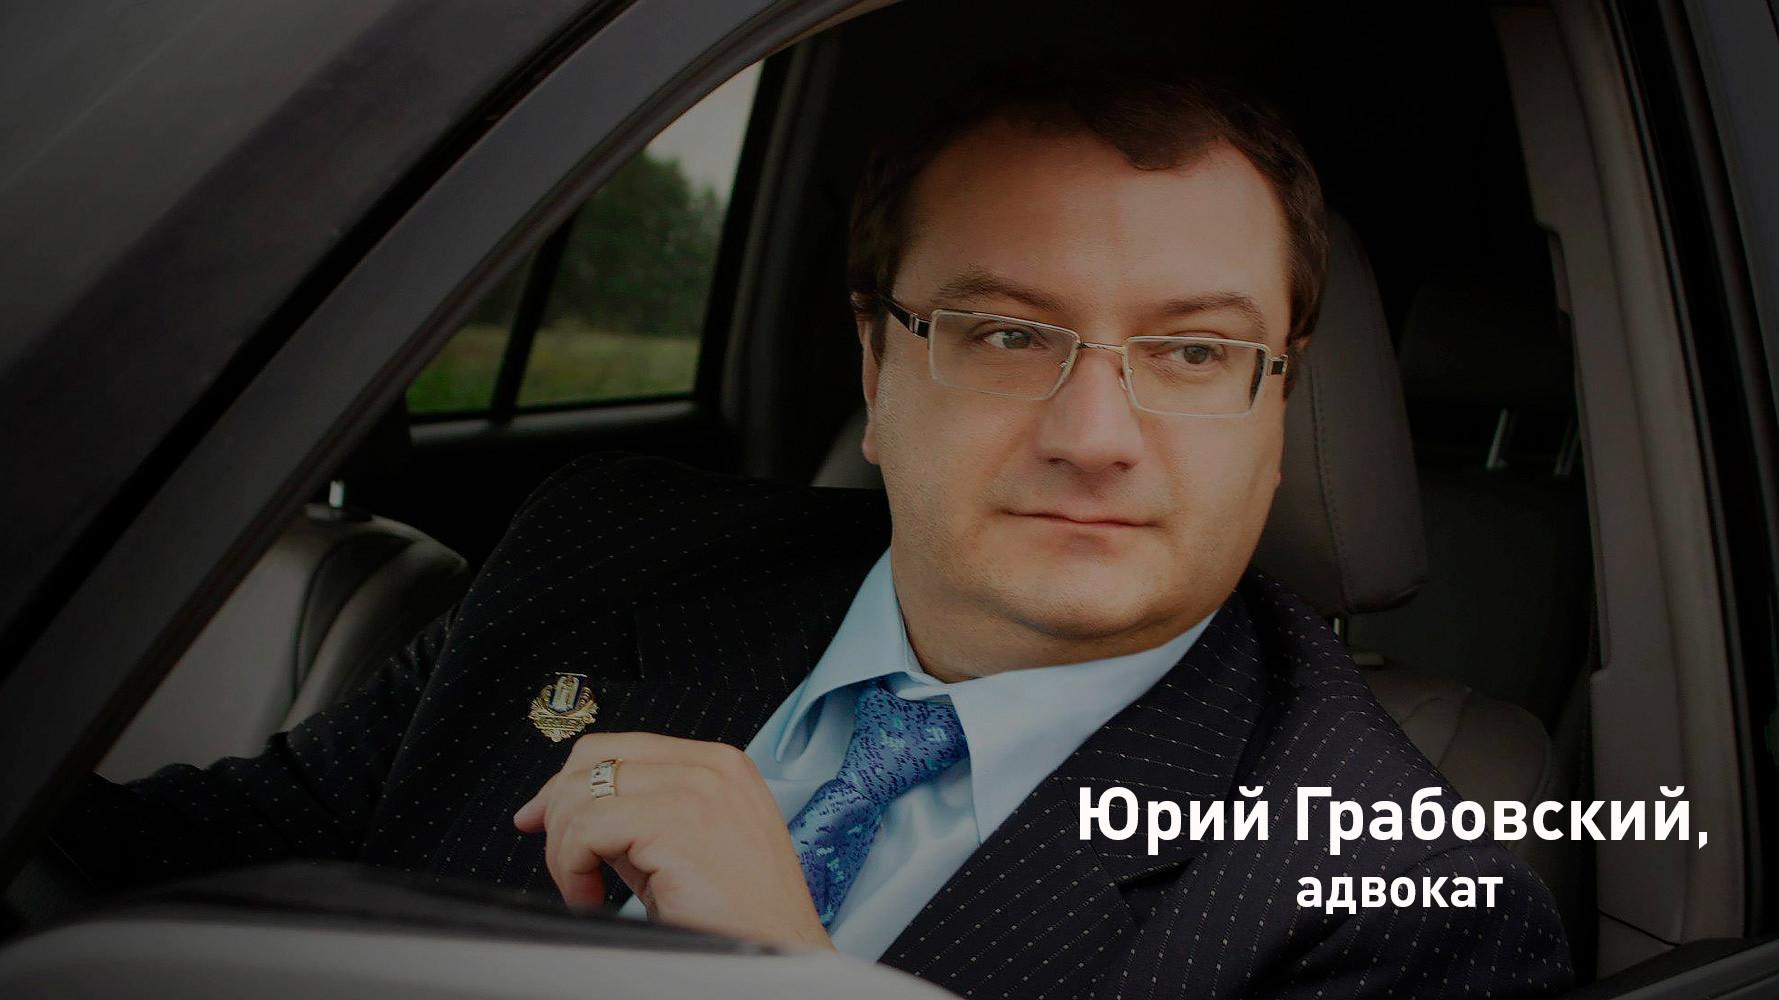 Тело Юрия Грабовского было найдено 25 марта 2016 года. Труп был обезображен